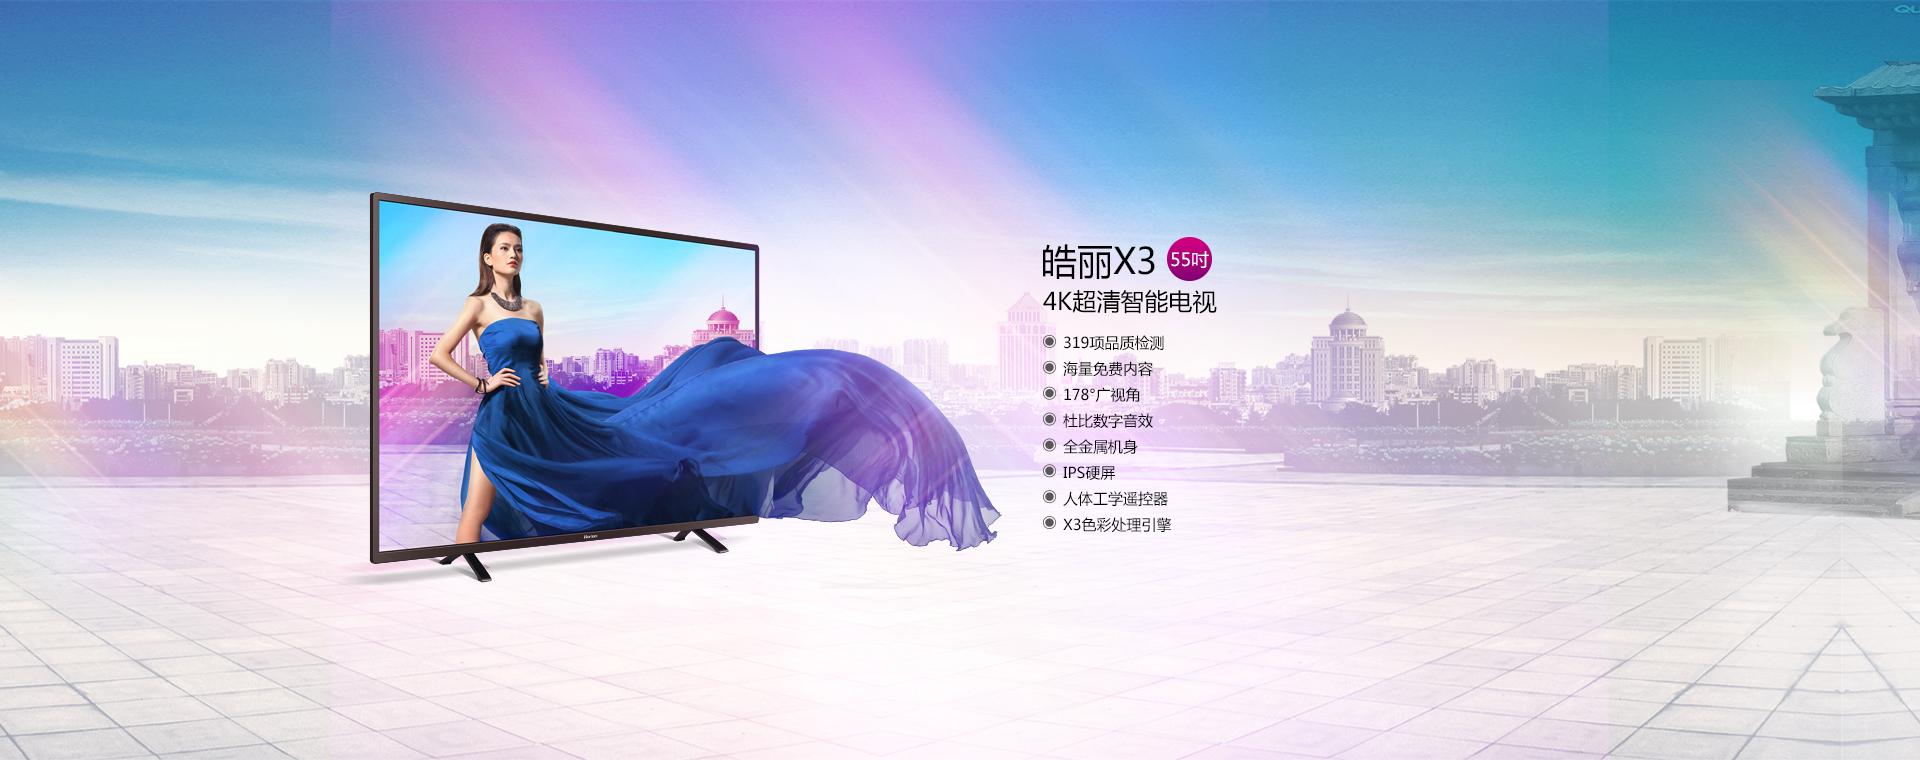 皓丽55寸4K超清智能电视